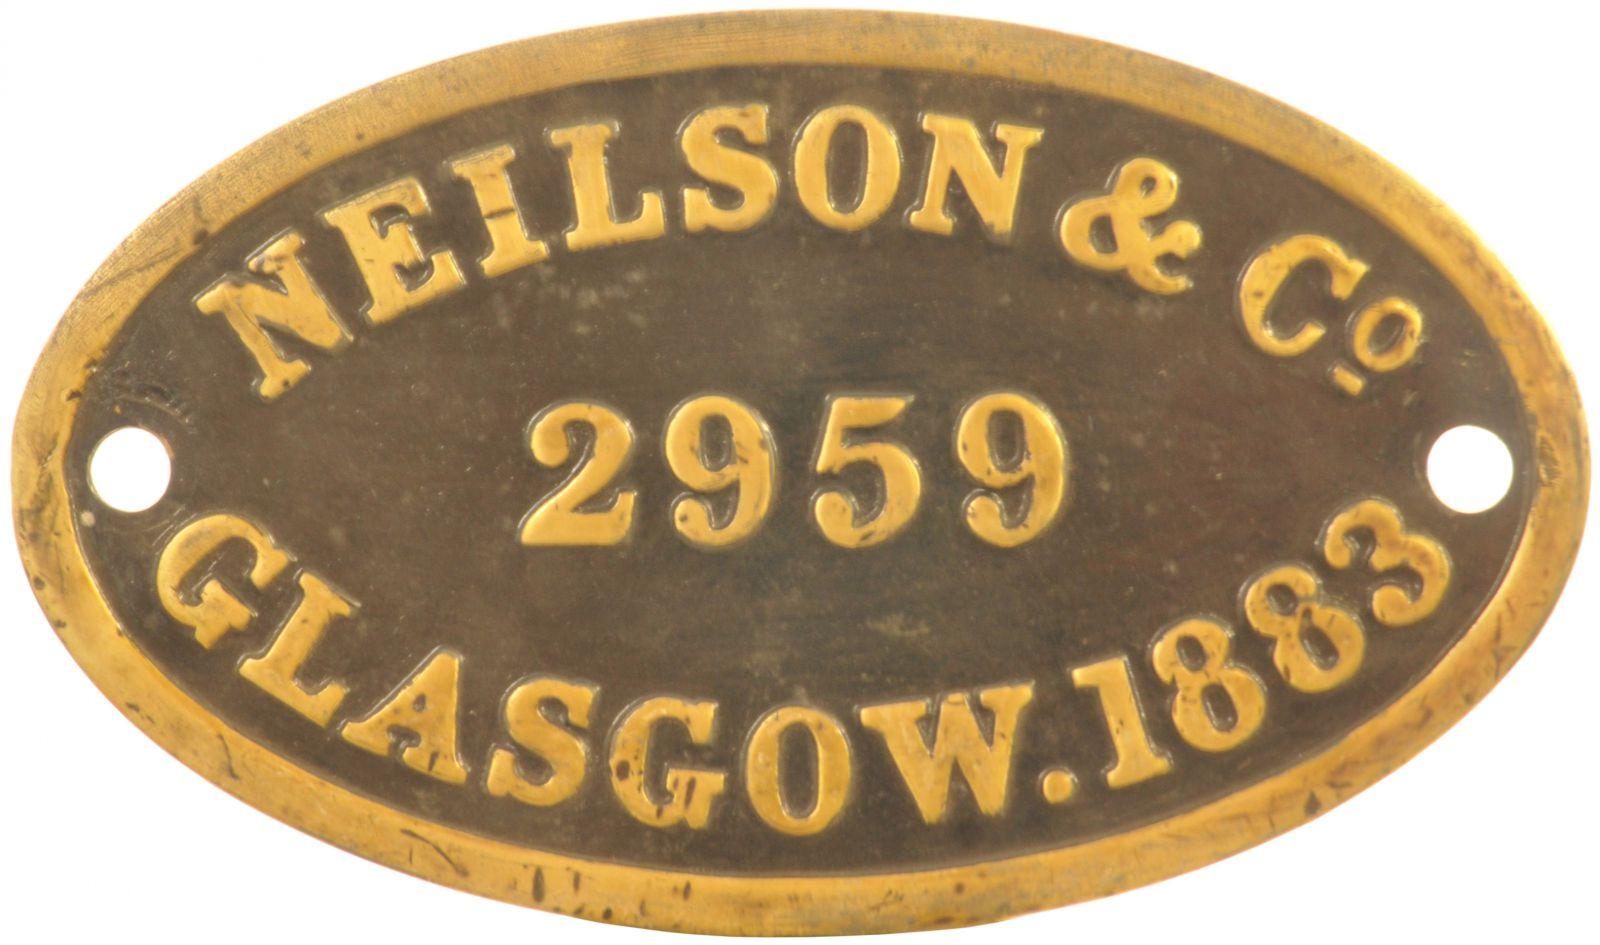 Lot 44 - Railway Locomotive Worksplates (Steam), Neilson 2959, 1883 (30574): A worksplate, NEILSON, 2959,